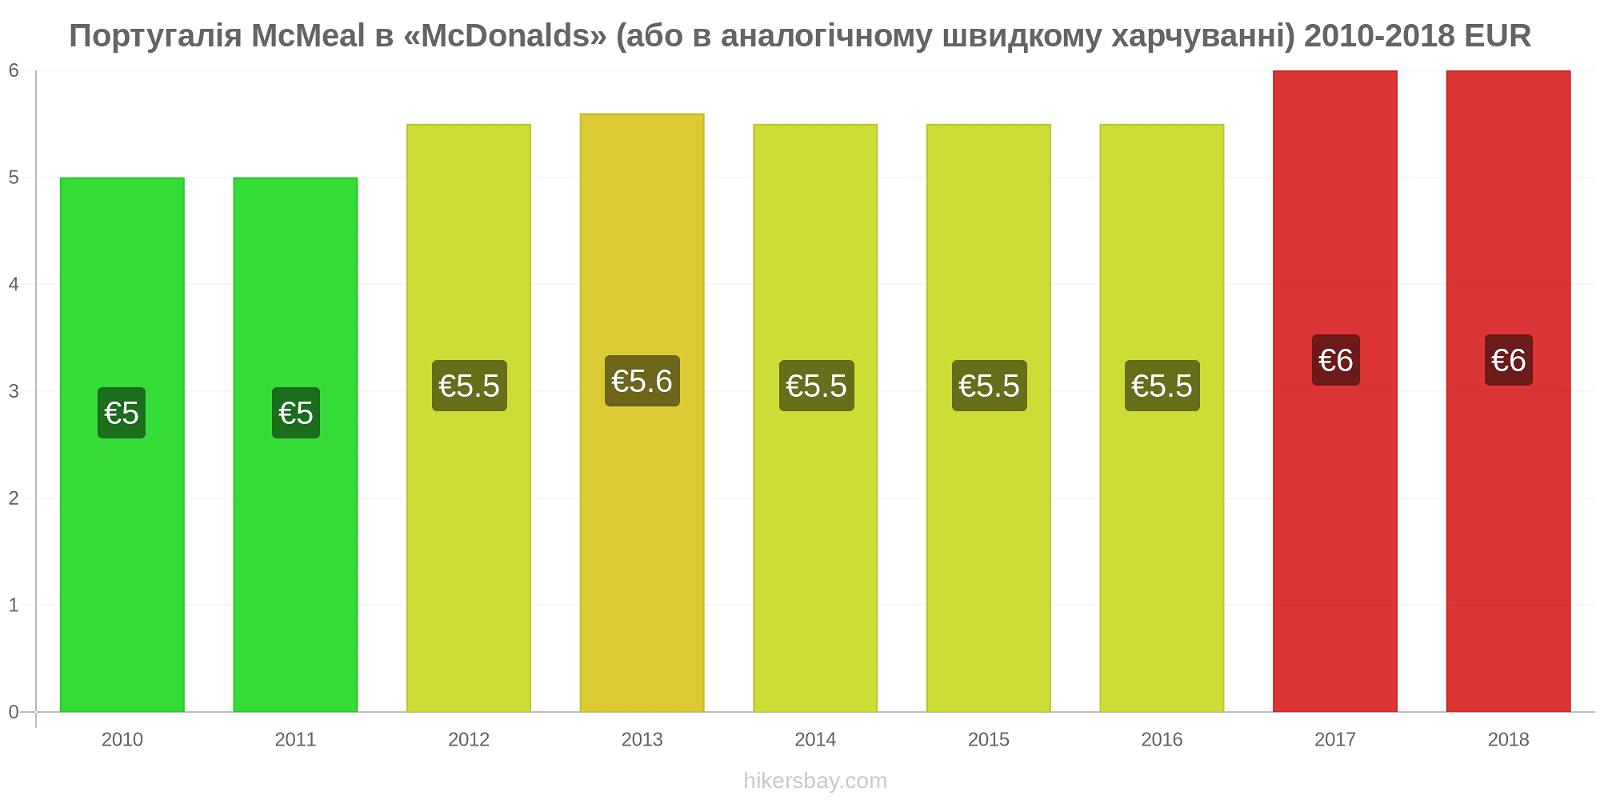 Португалія зміни цін McMeal в «McDonalds» (або в аналогічному швидкому харчуванні) hikersbay.com